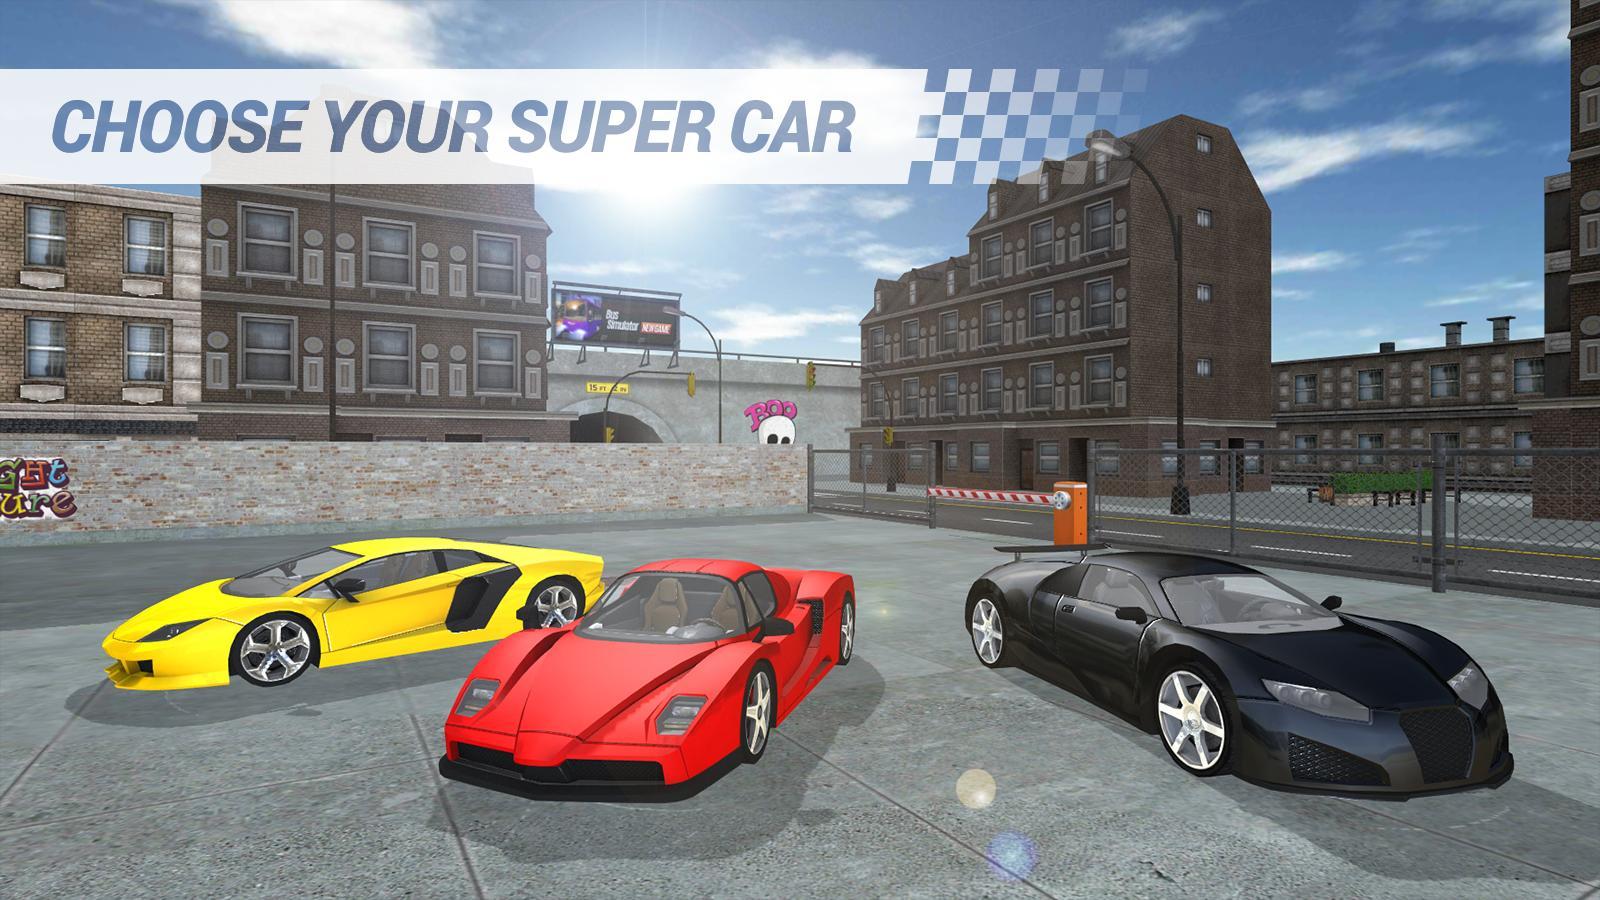 Super Voiture Jeu Pour Android - Téléchargez L'apk destiné Jeux De Super Voiture